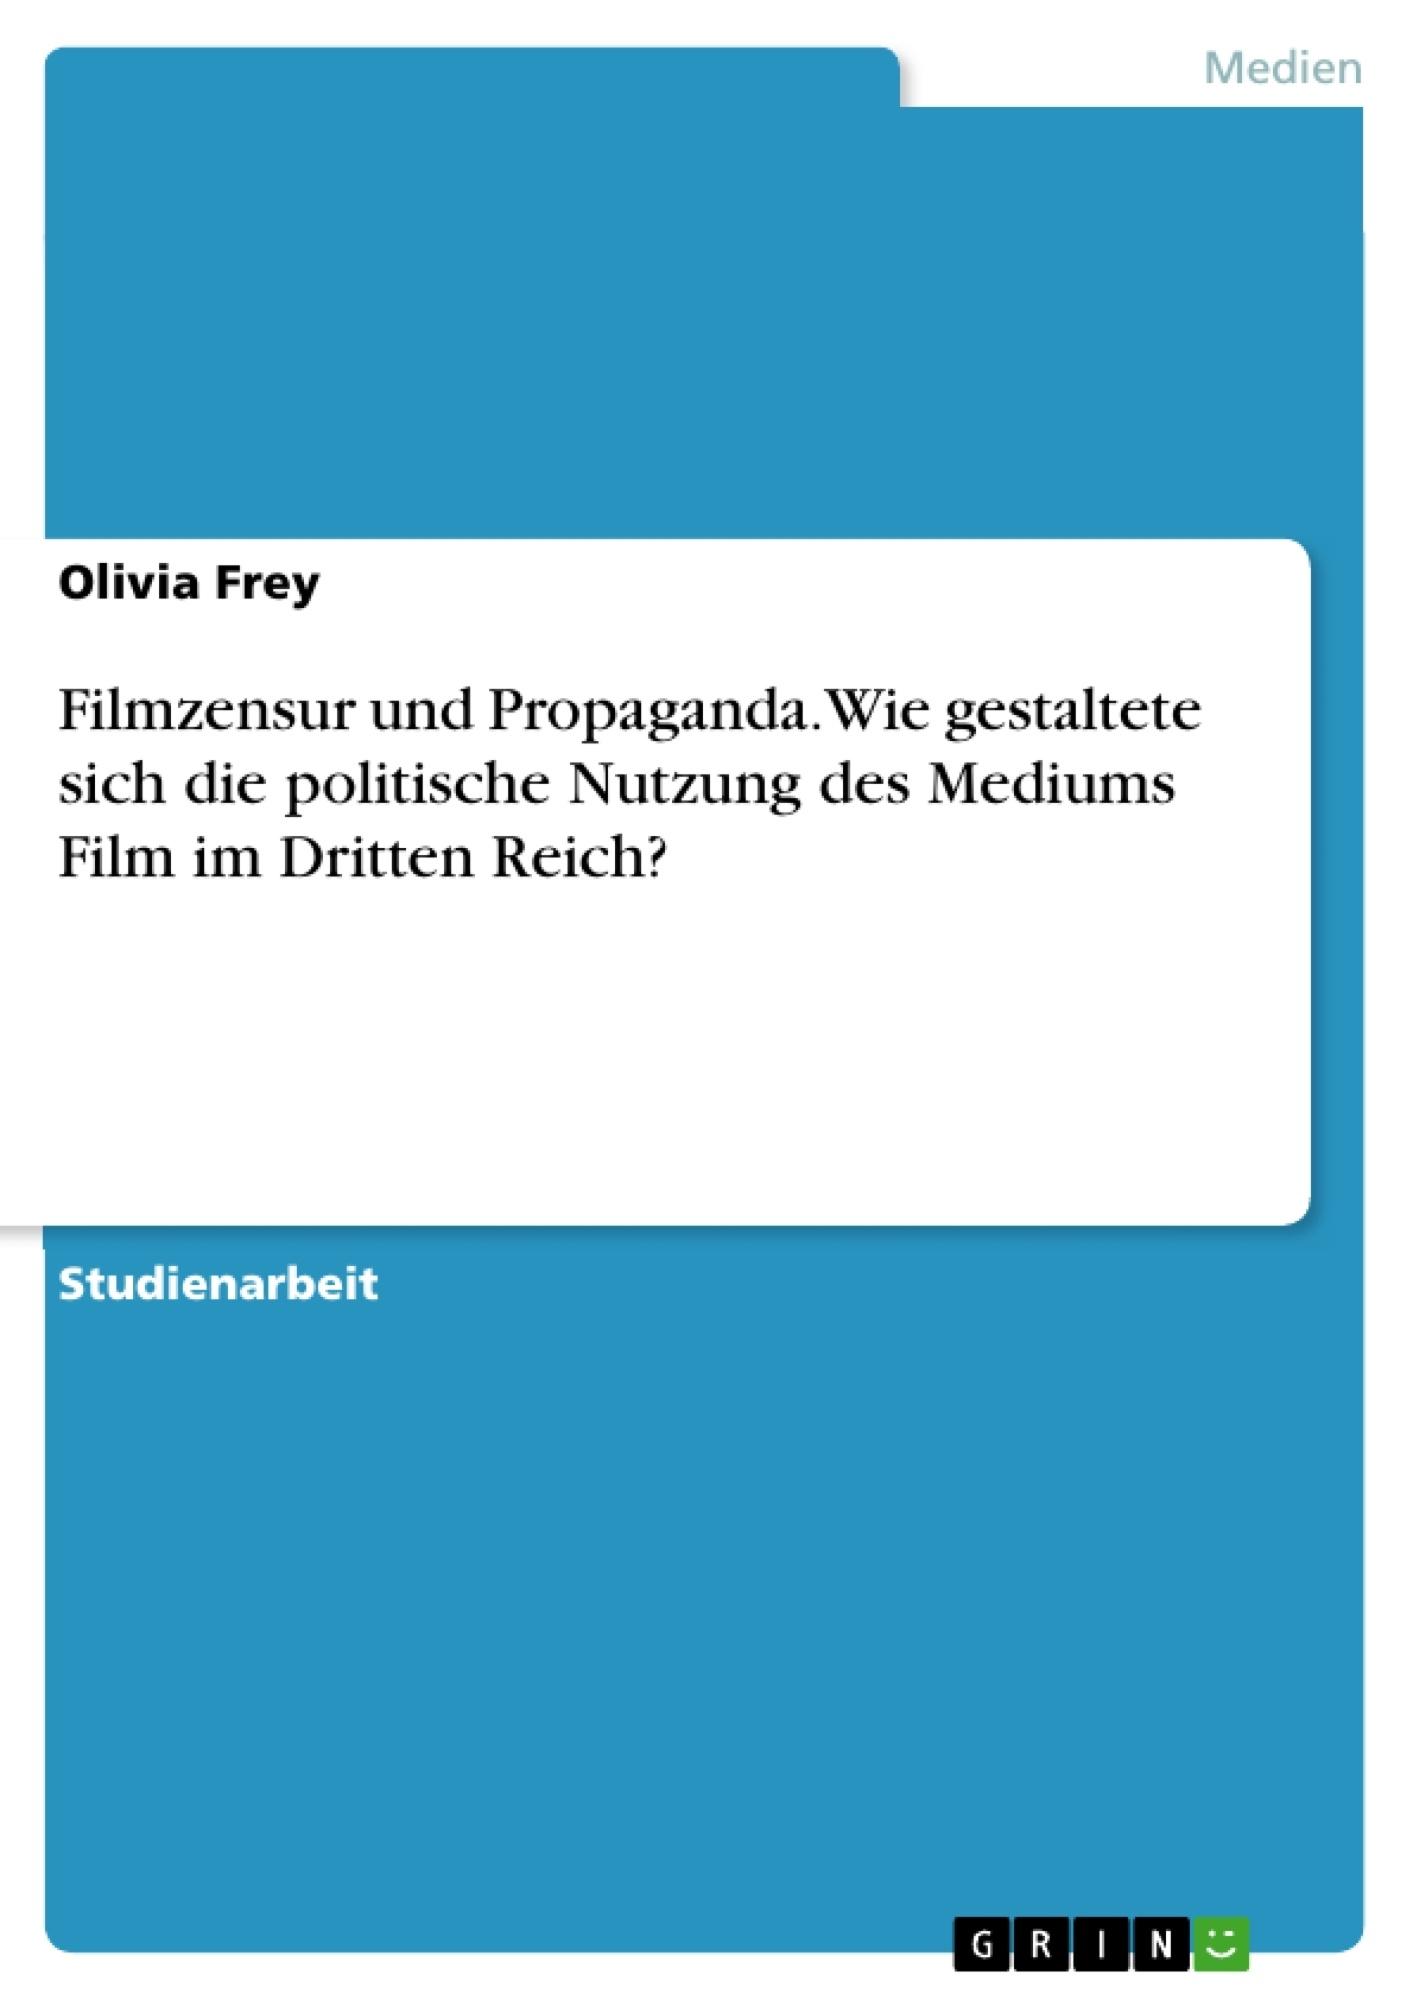 Titel: Filmzensur und Propaganda. Wie gestaltete sich die politische Nutzung des Mediums Film im Dritten Reich?